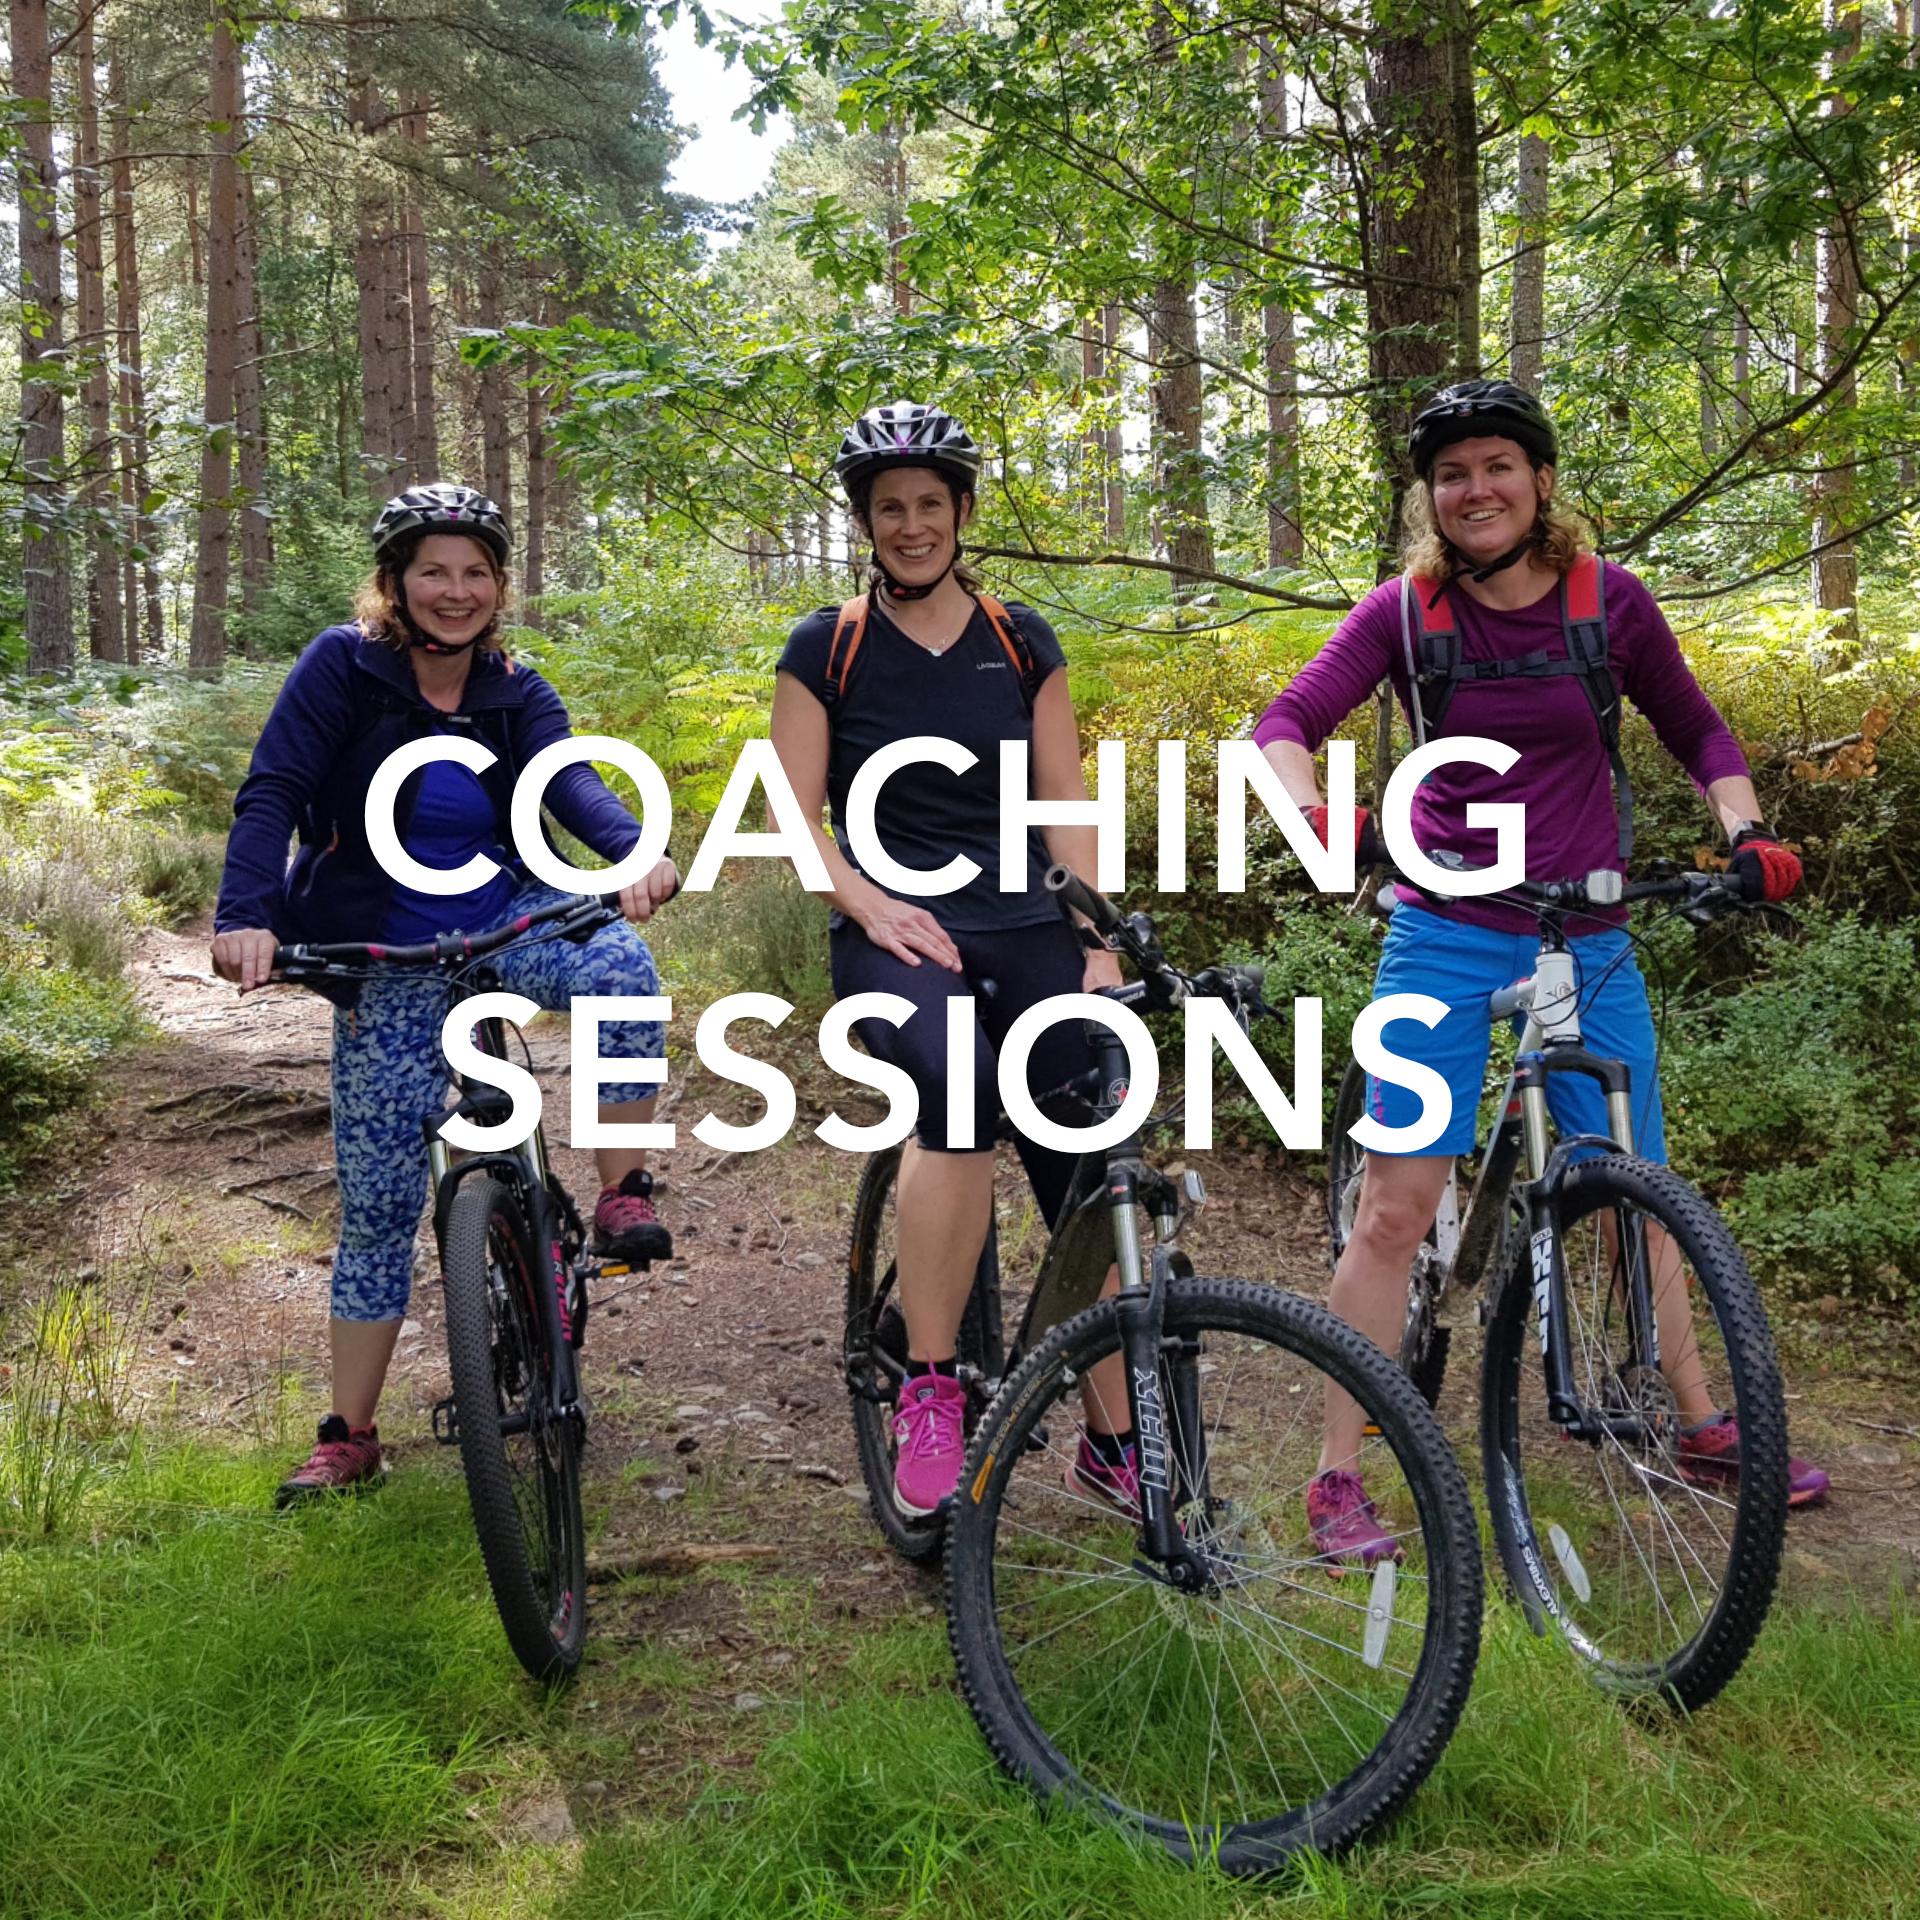 Rideout Coaching - coaching sessions